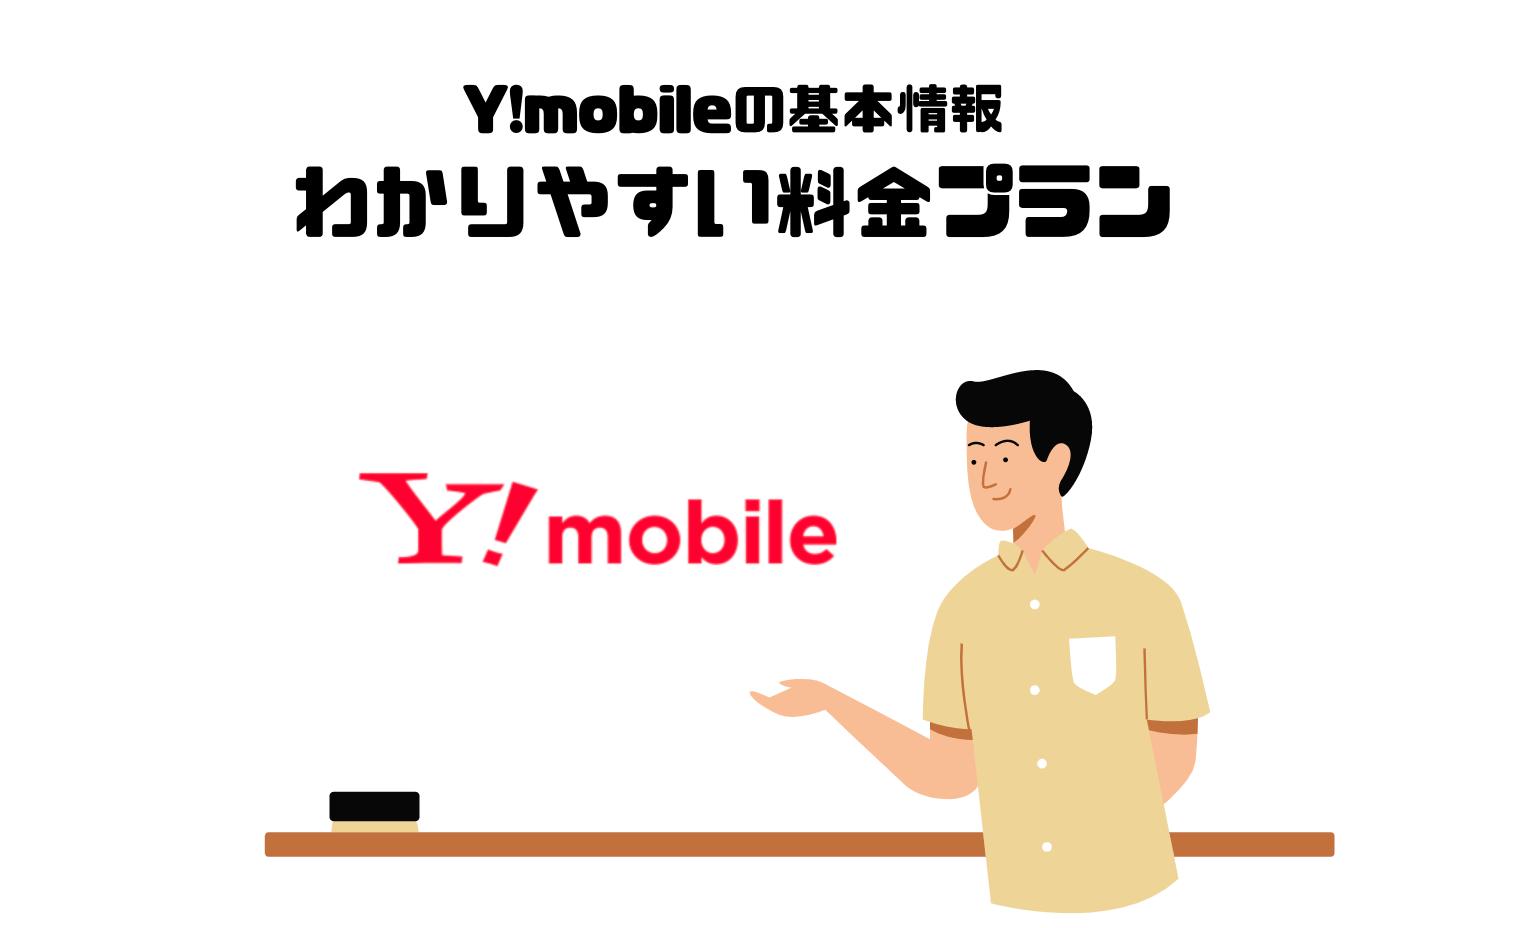 Y!mobile_ワイモバイル_通信速度_速度_SoftBank_料金プラン